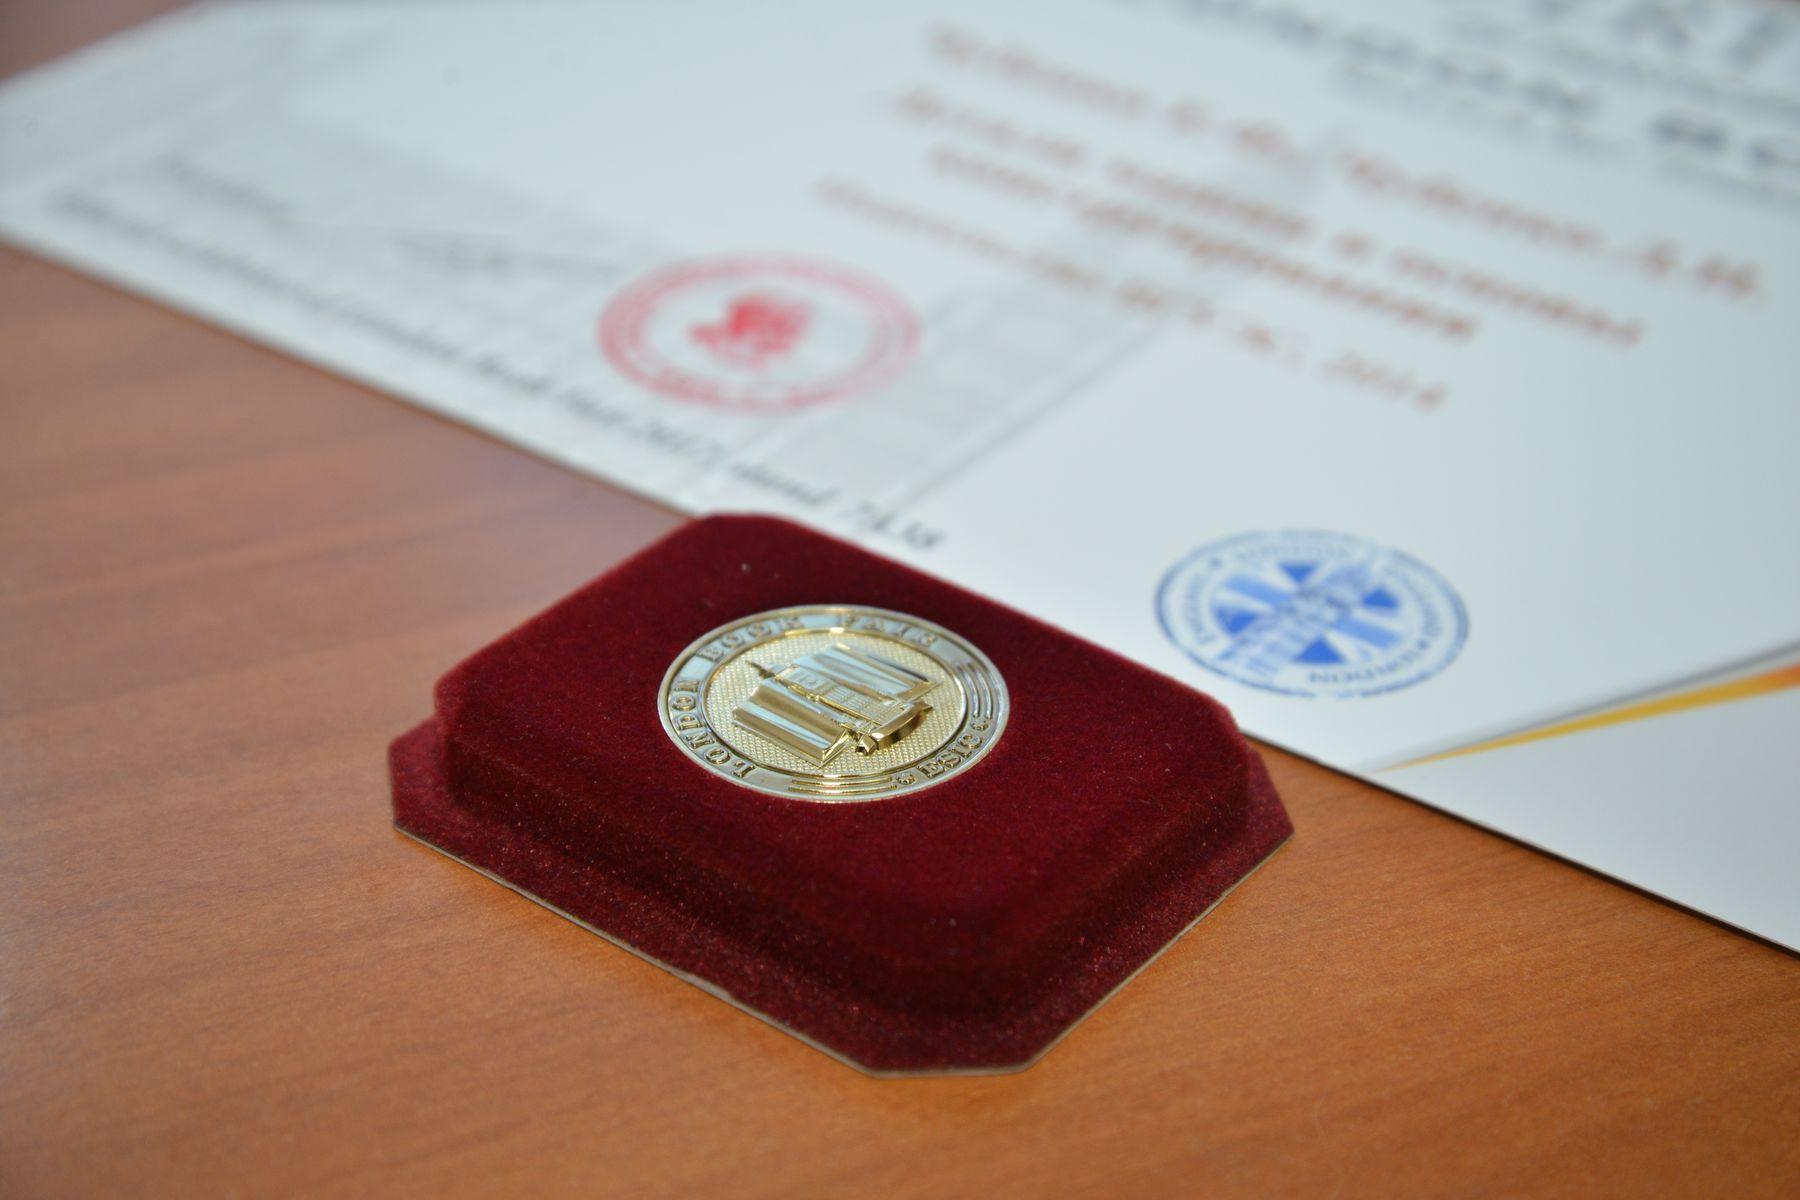 Учебное издание ВГУЭС получило награду на Лондонской книжной выставке